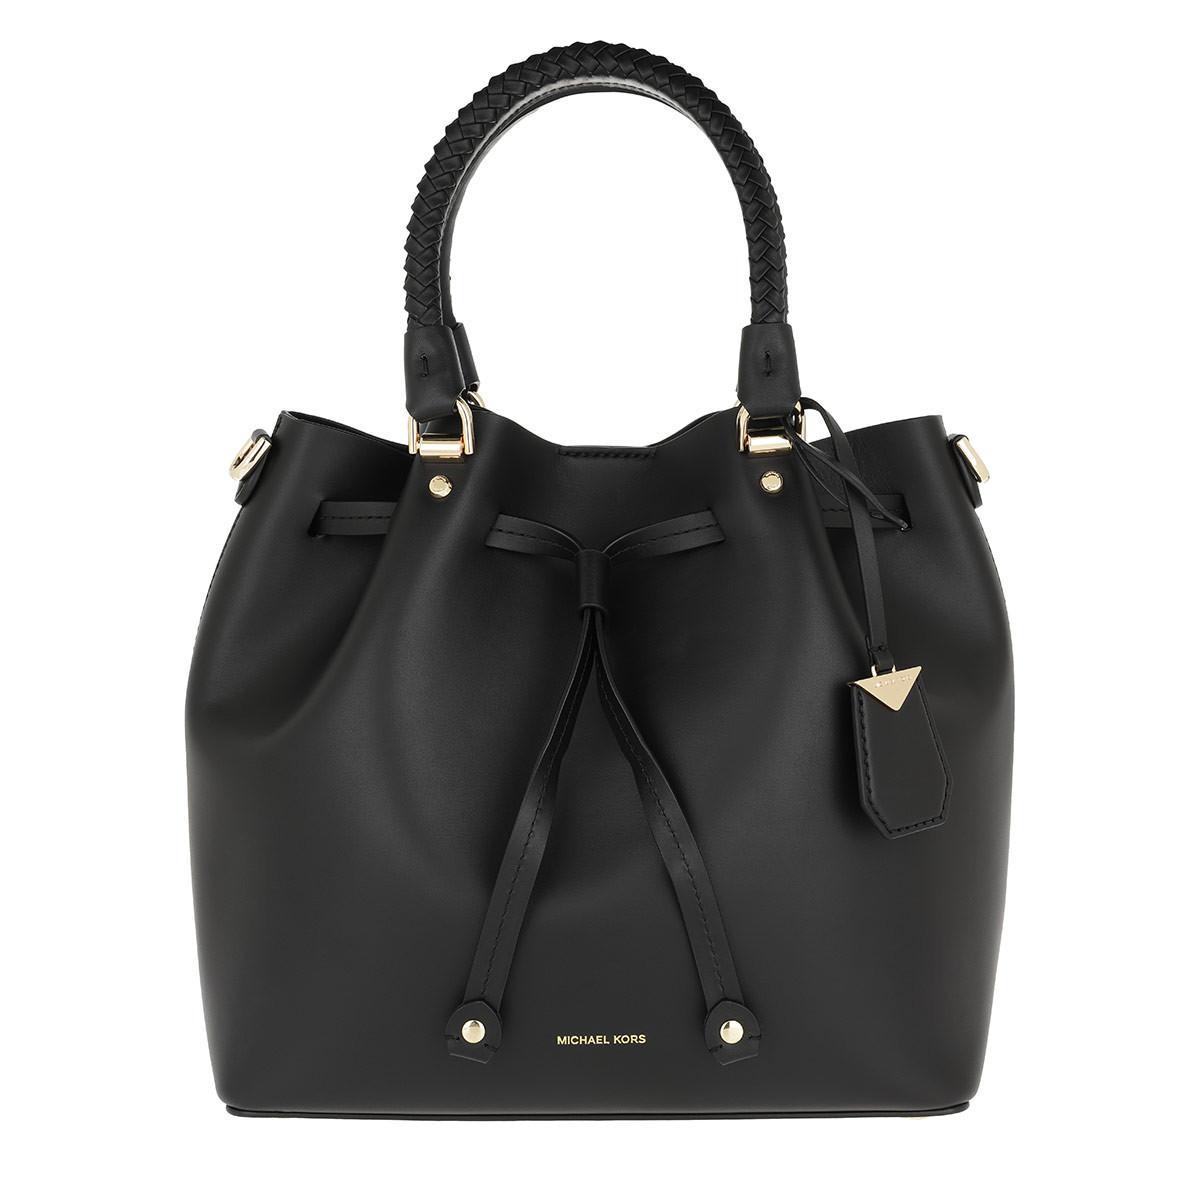 956a2610 Michael Kors Blakely Md Bucket Bag Black in Black - Lyst